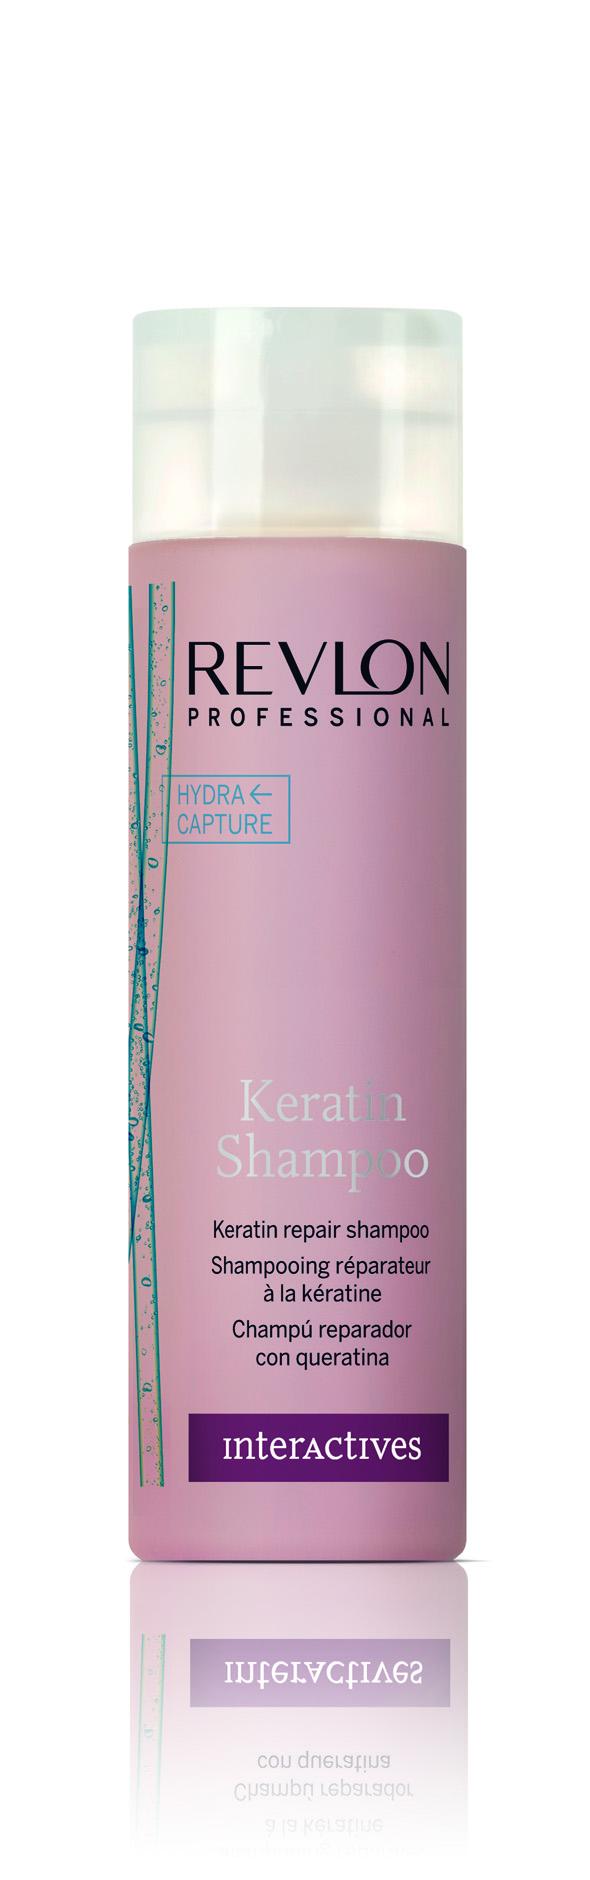 KERATIN SHAMPOO 4